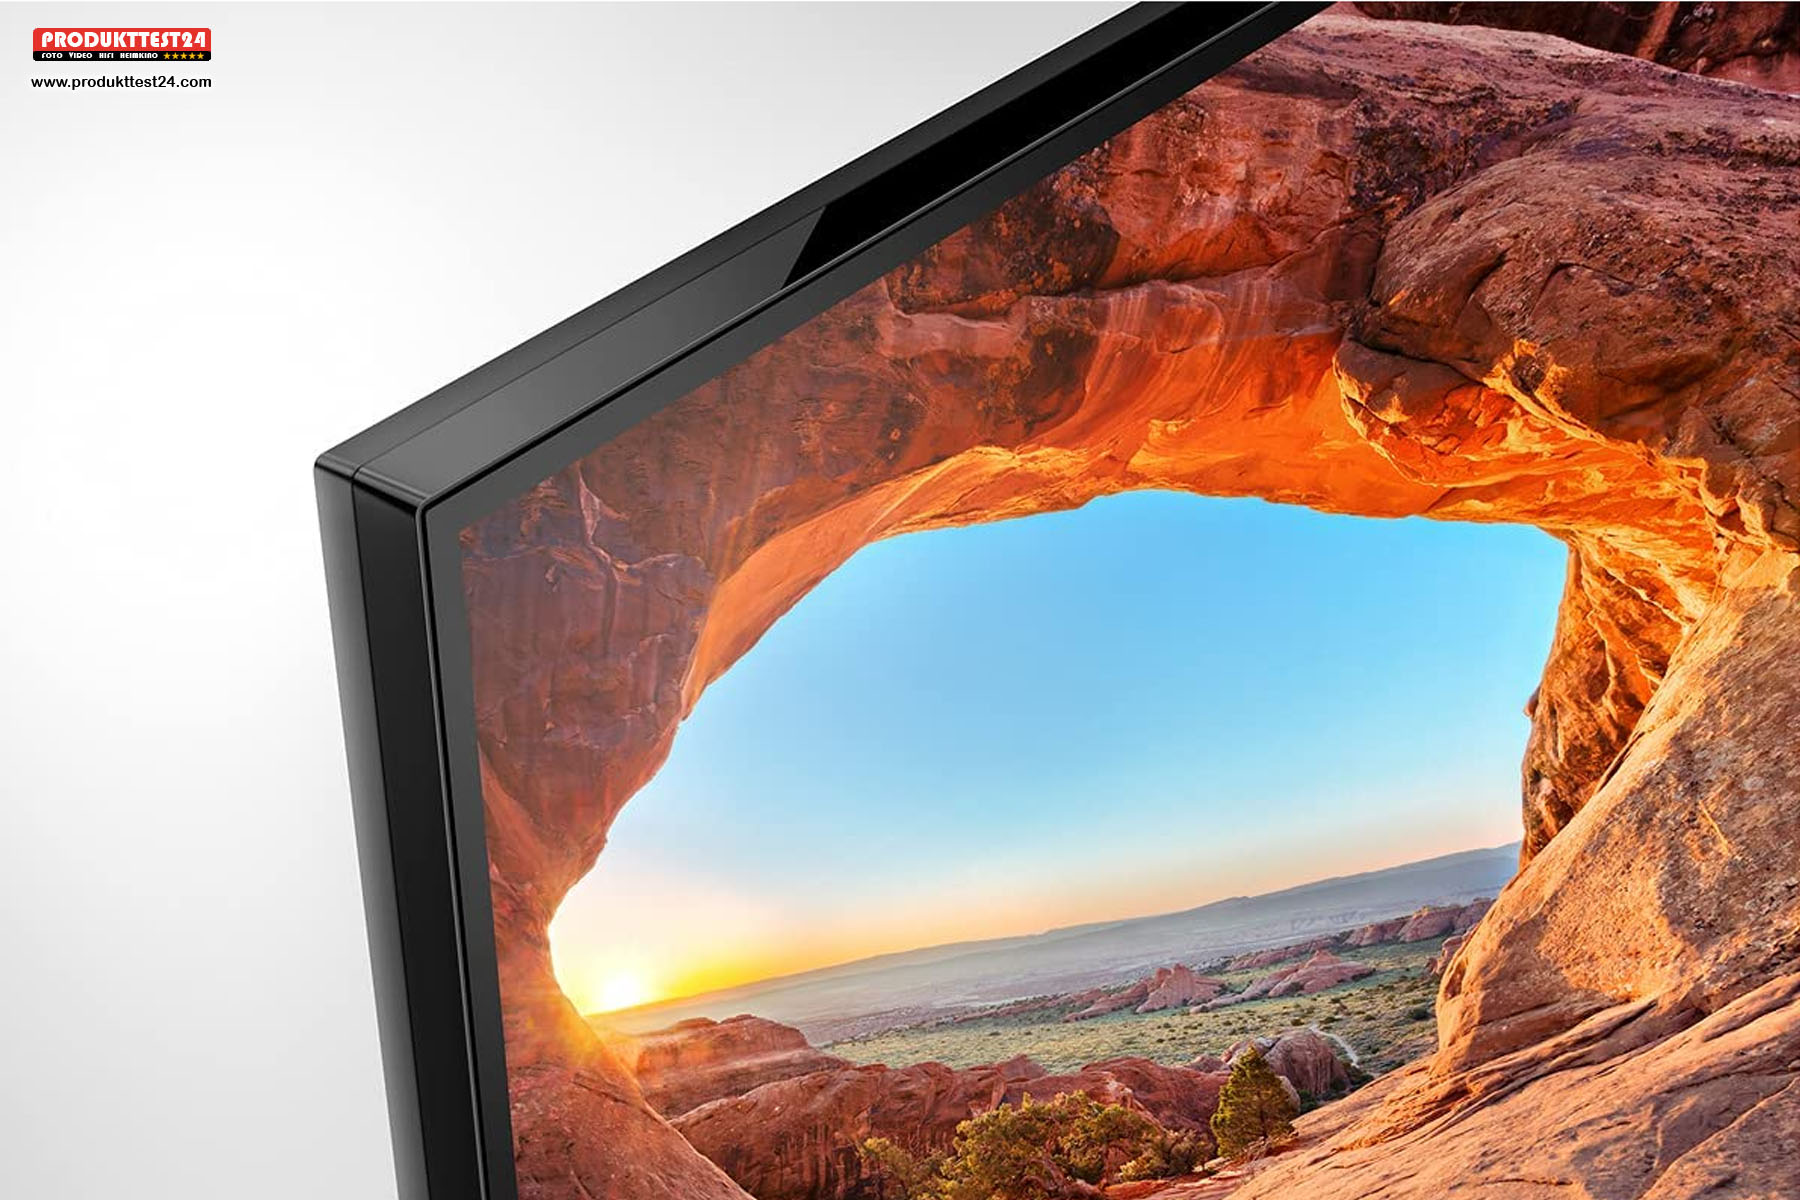 Das riesige 85 Zoll Display geht nahtlos in den Rahmen über